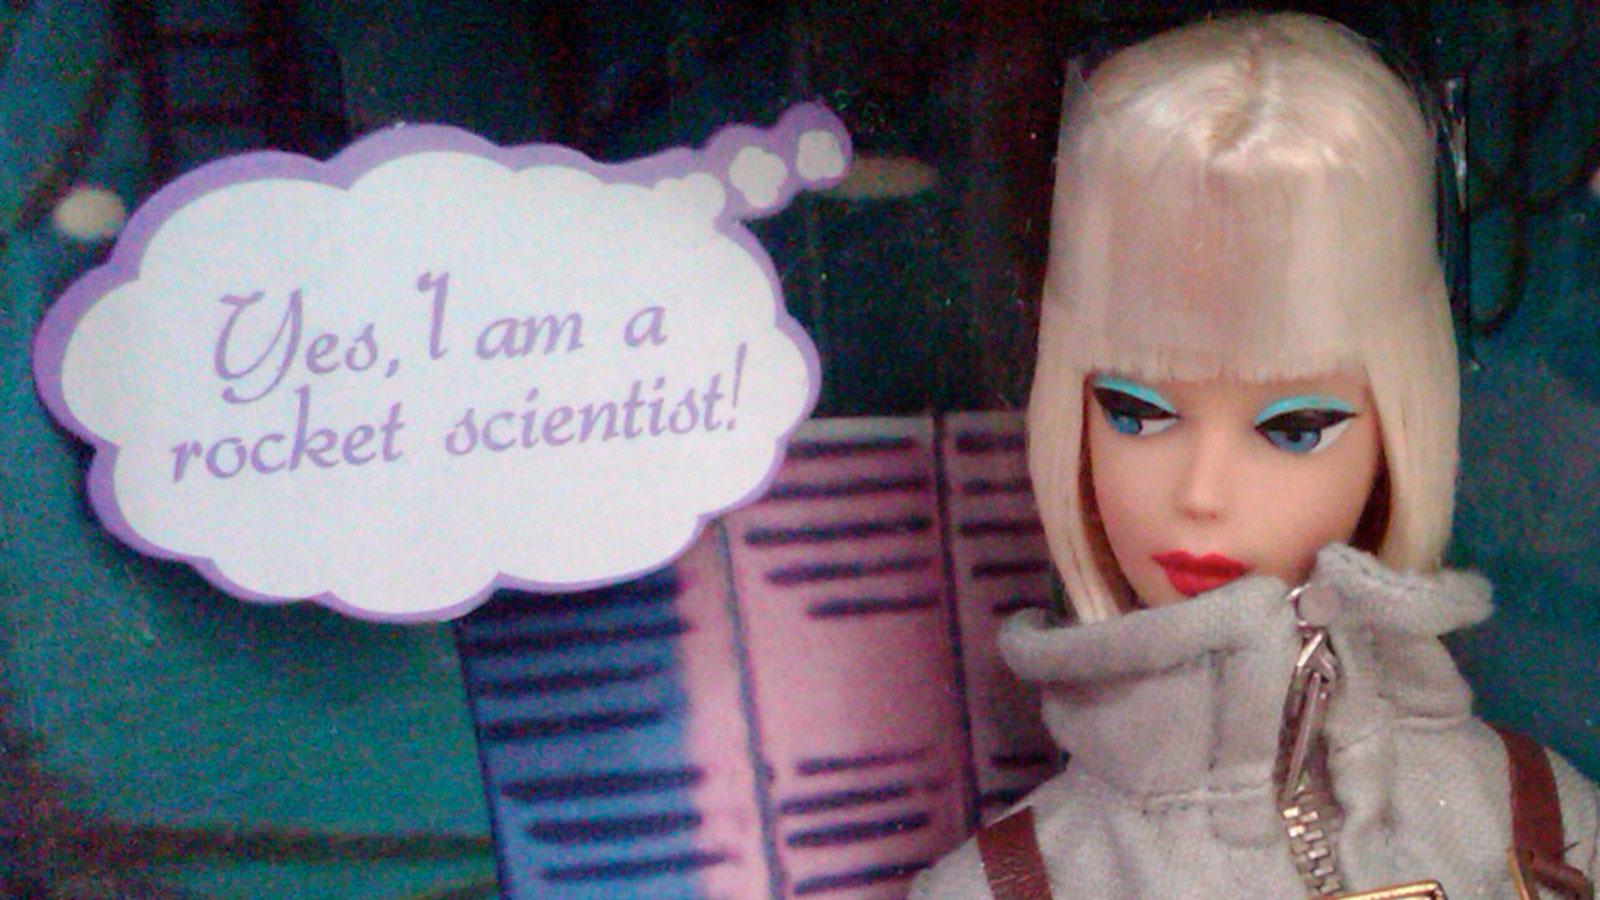 Dr. Barbie (1965), PhD, Certified Rocket Scientist